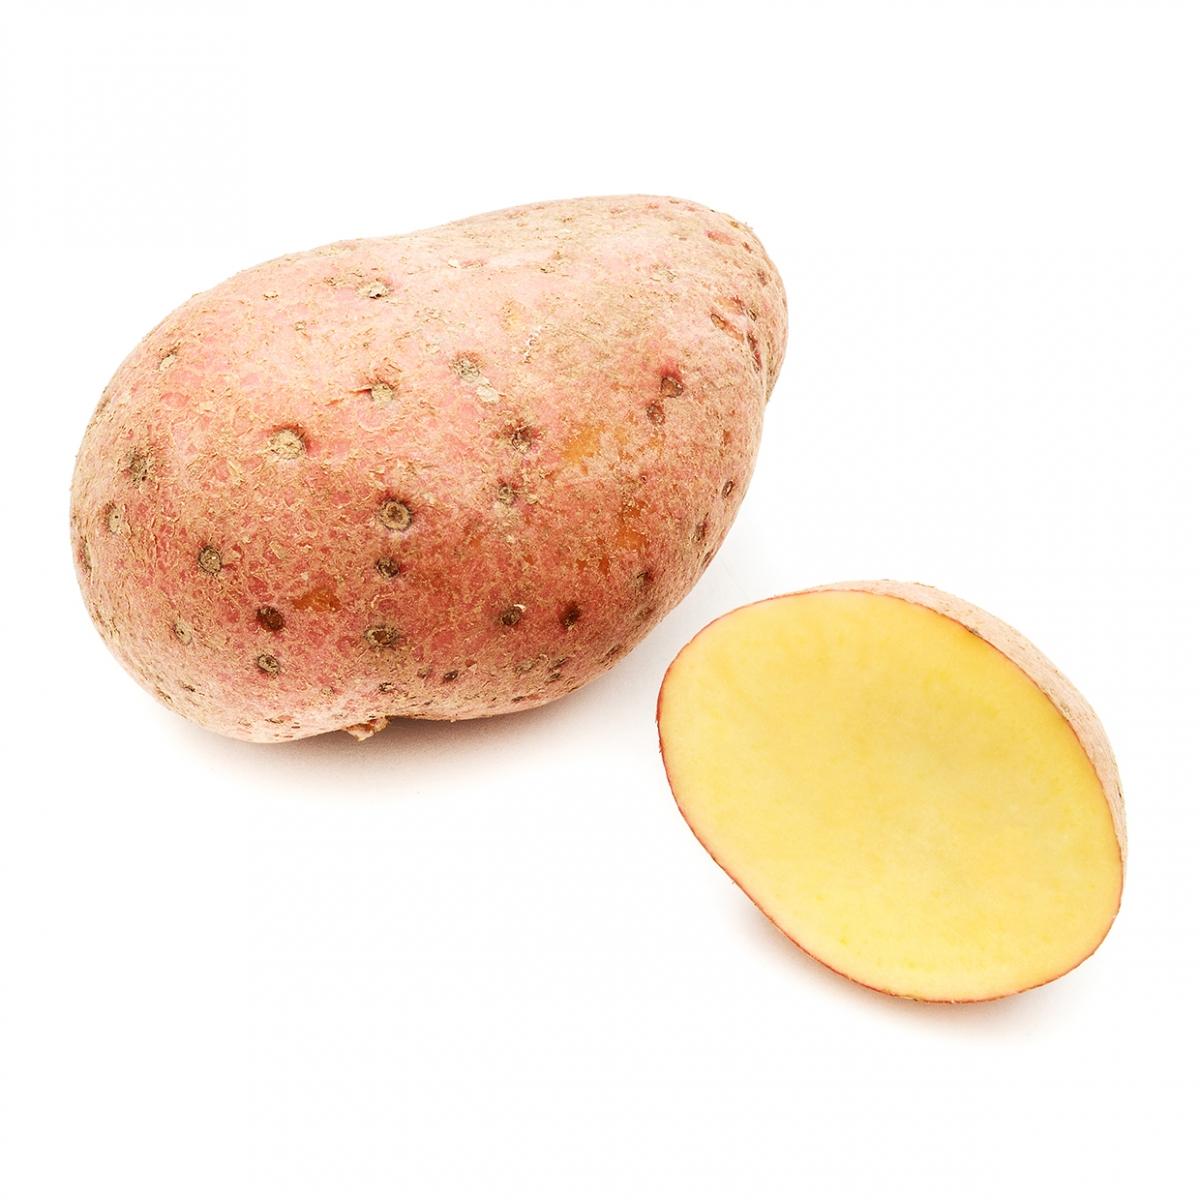 Imagen en la que se ve una patata entera y otra media a su lado